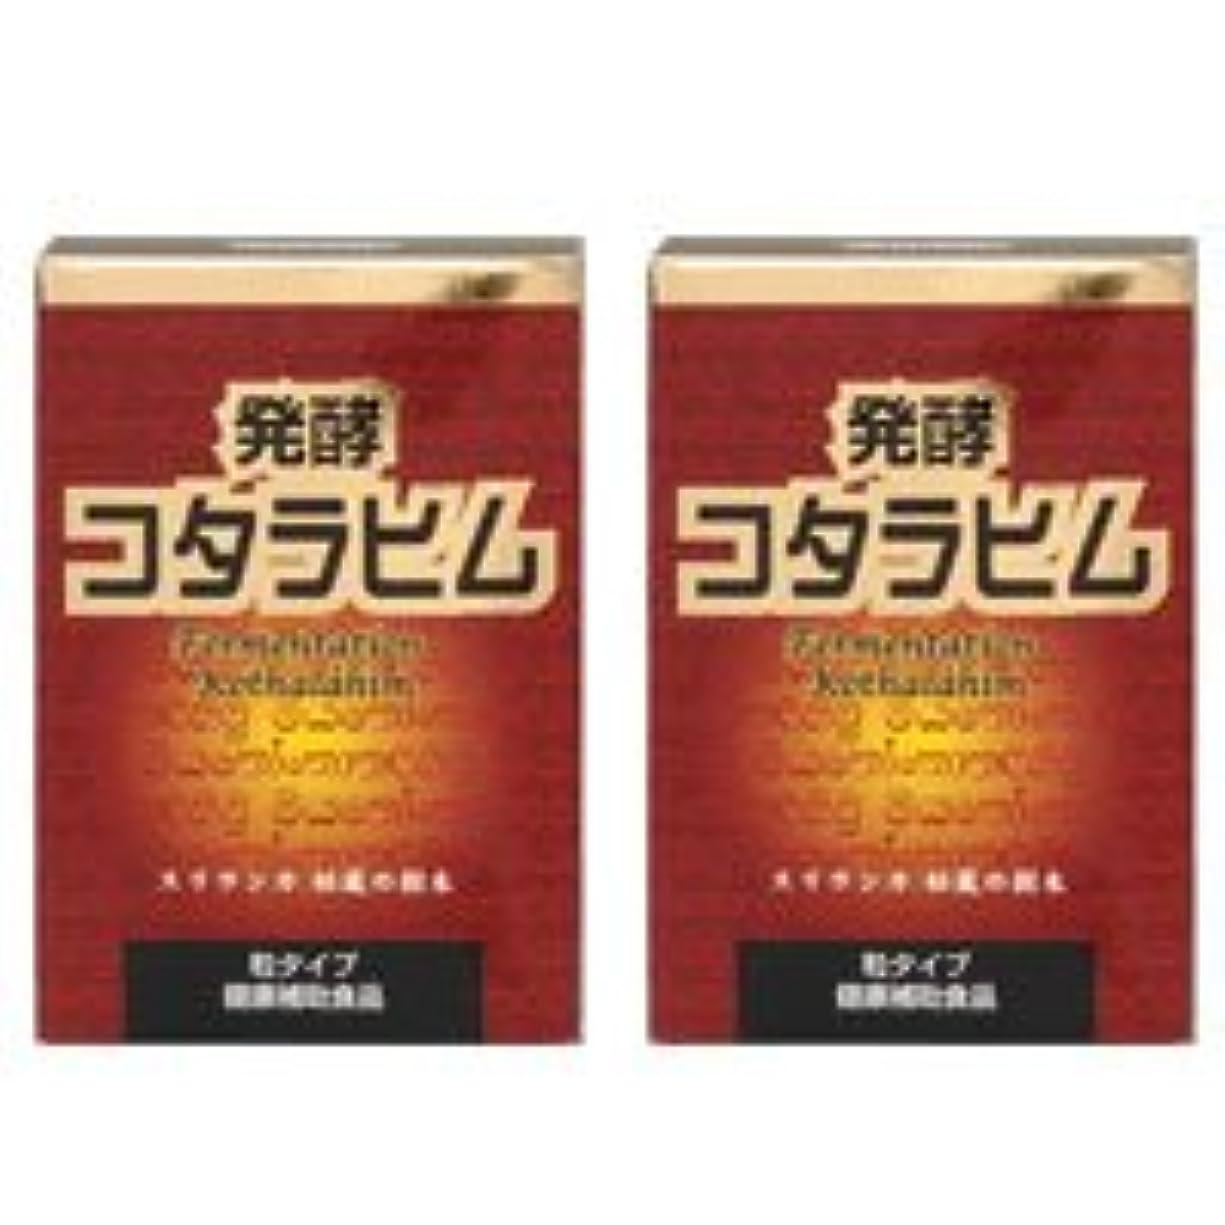 安定食べる展開する発酵コタラヒム2個セット【糖を変化させるコタラヒム】